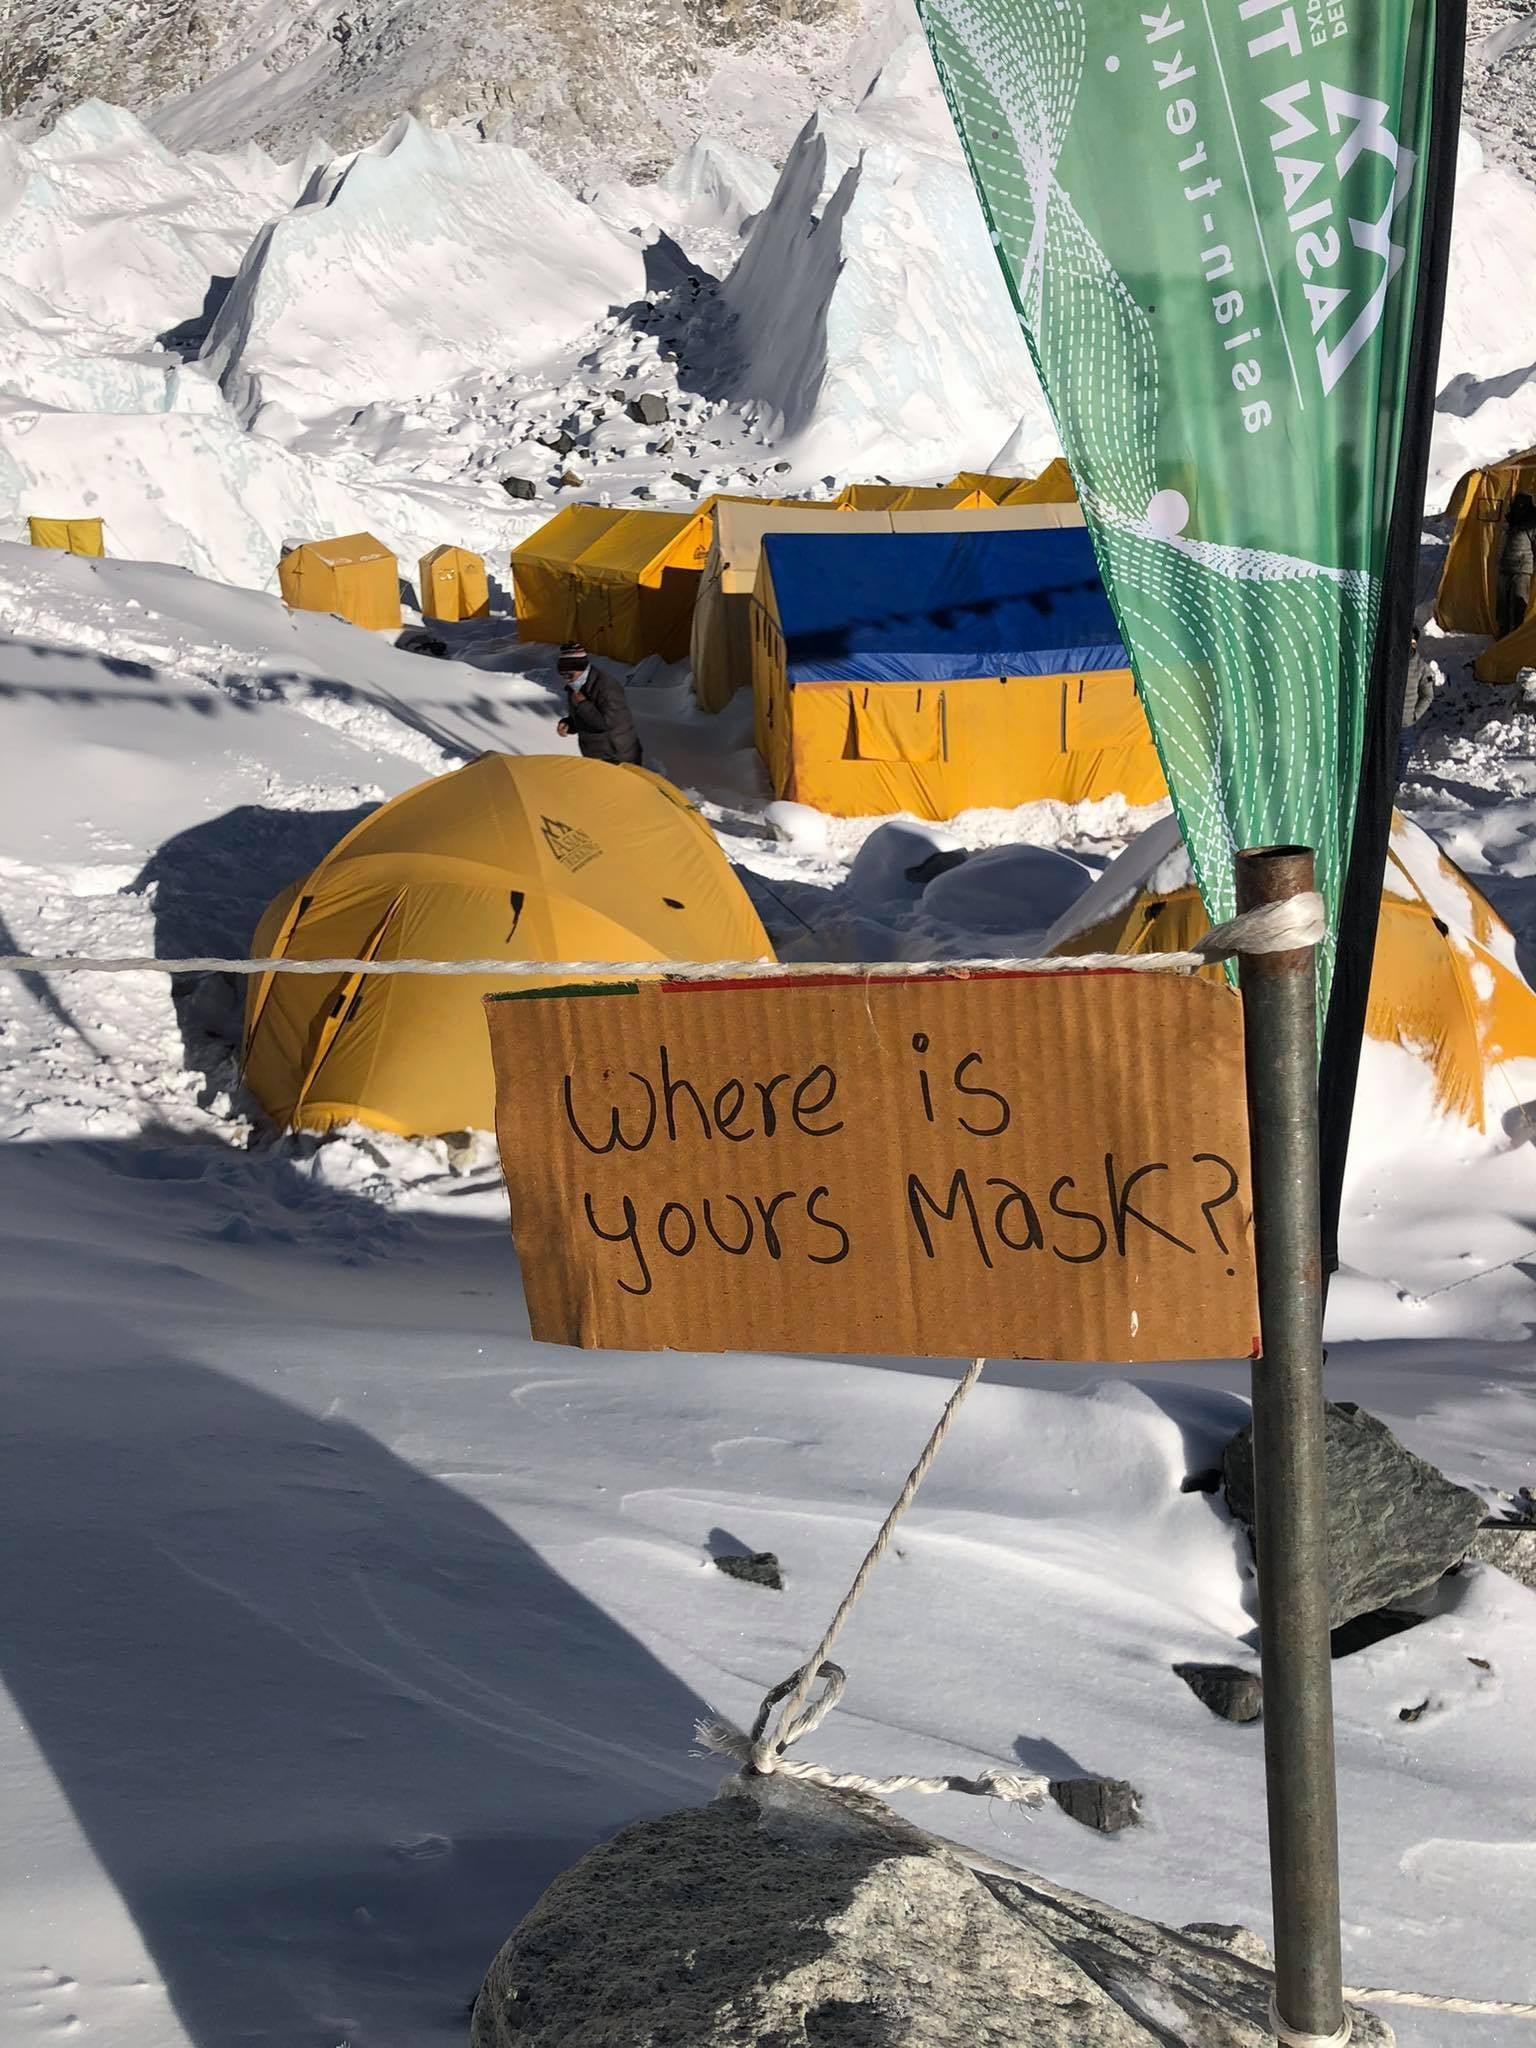 Nepal zaprzestaje podawania informacji o rozprzestrzenianiu się Covid-19 w bazie pod Mount Everestem, pomimo dotychczasowych ewakuacji spowodowanych zakażeniem koronawirusem